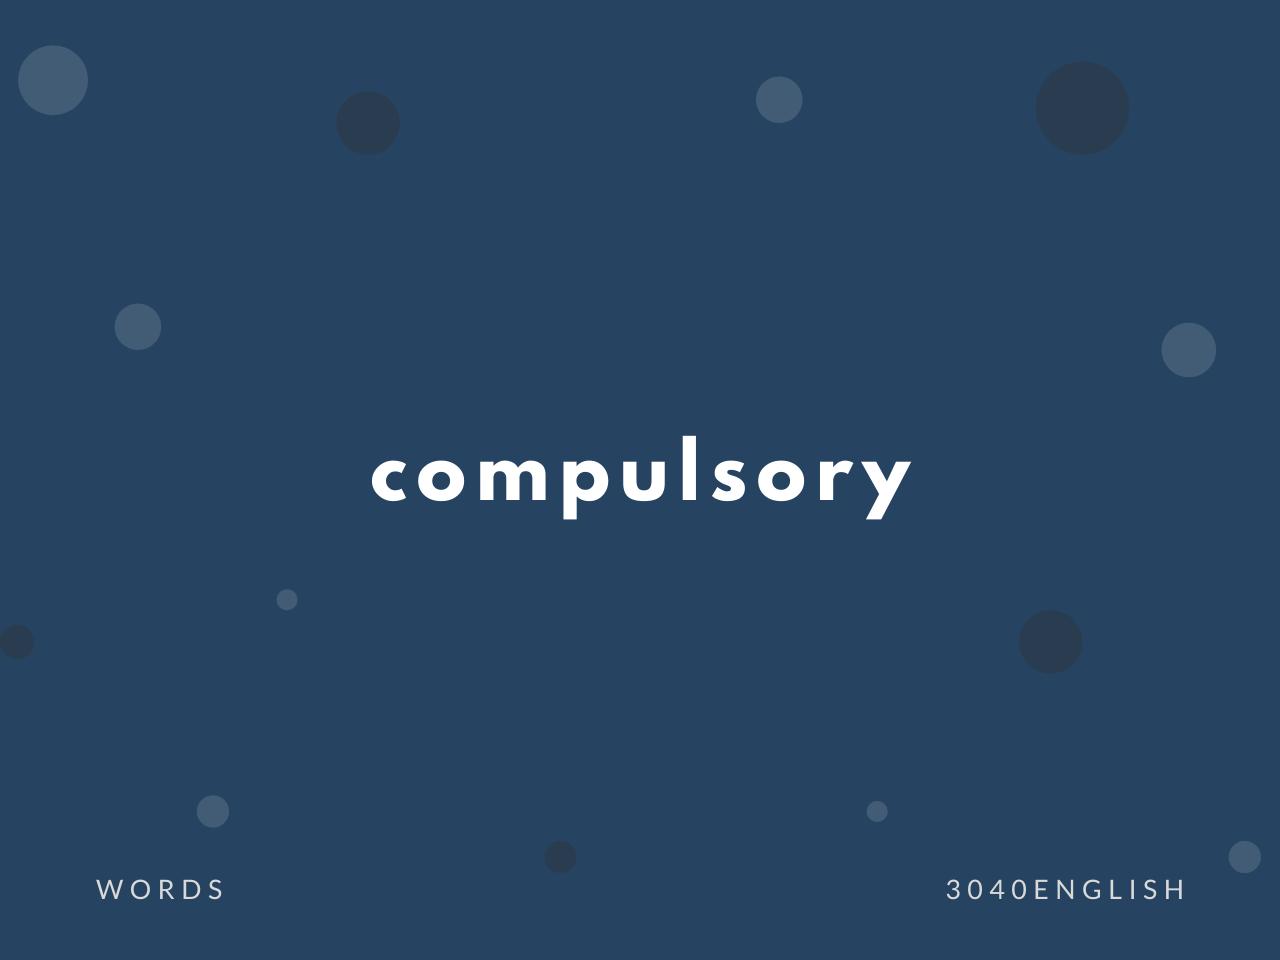 compulsory の意味と簡単な使い方【音読用例文あり】